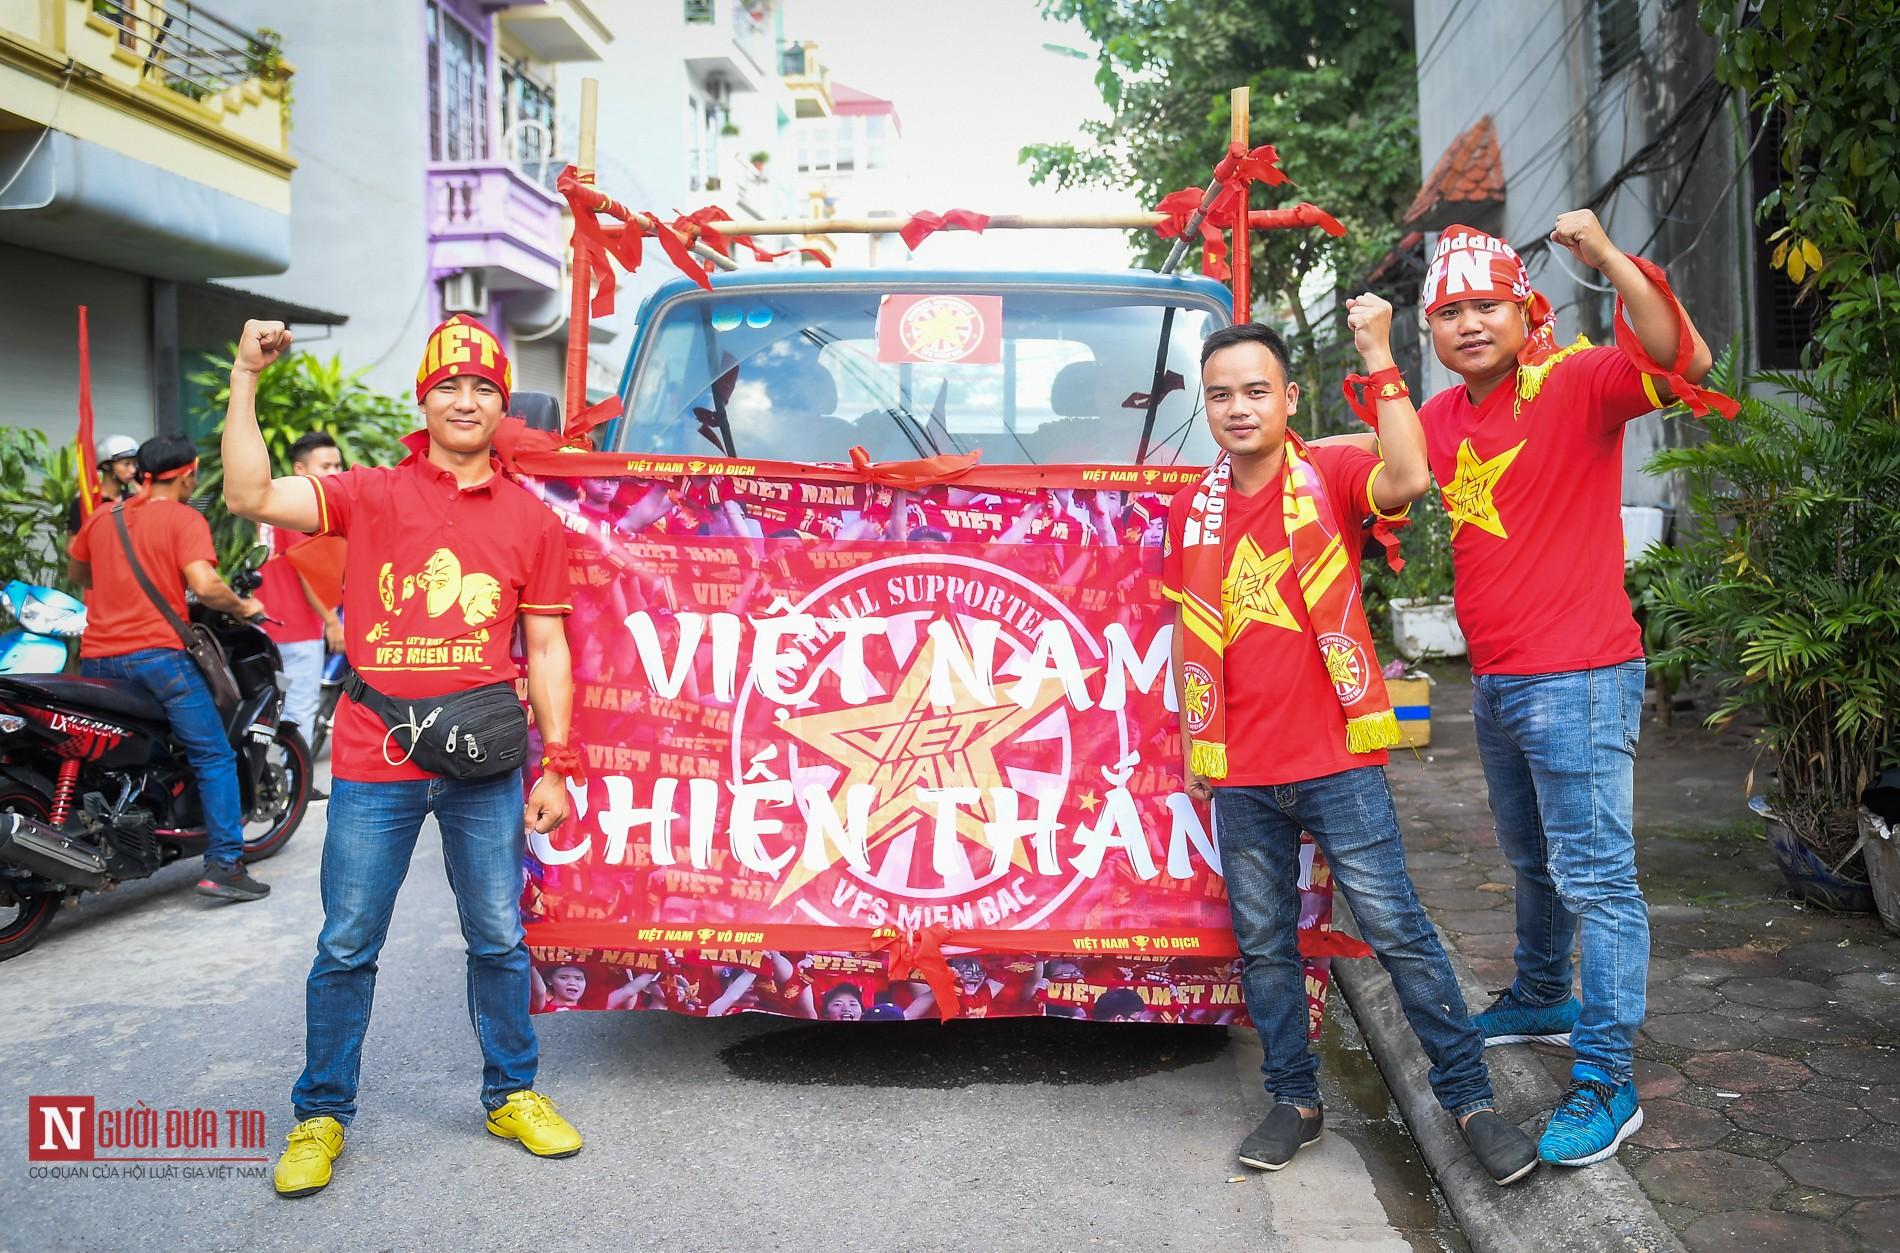 Nóng trước giờ G: Hàng ngàn CĐV diễu hành cổ vũ ĐTQG Việt Nam 1